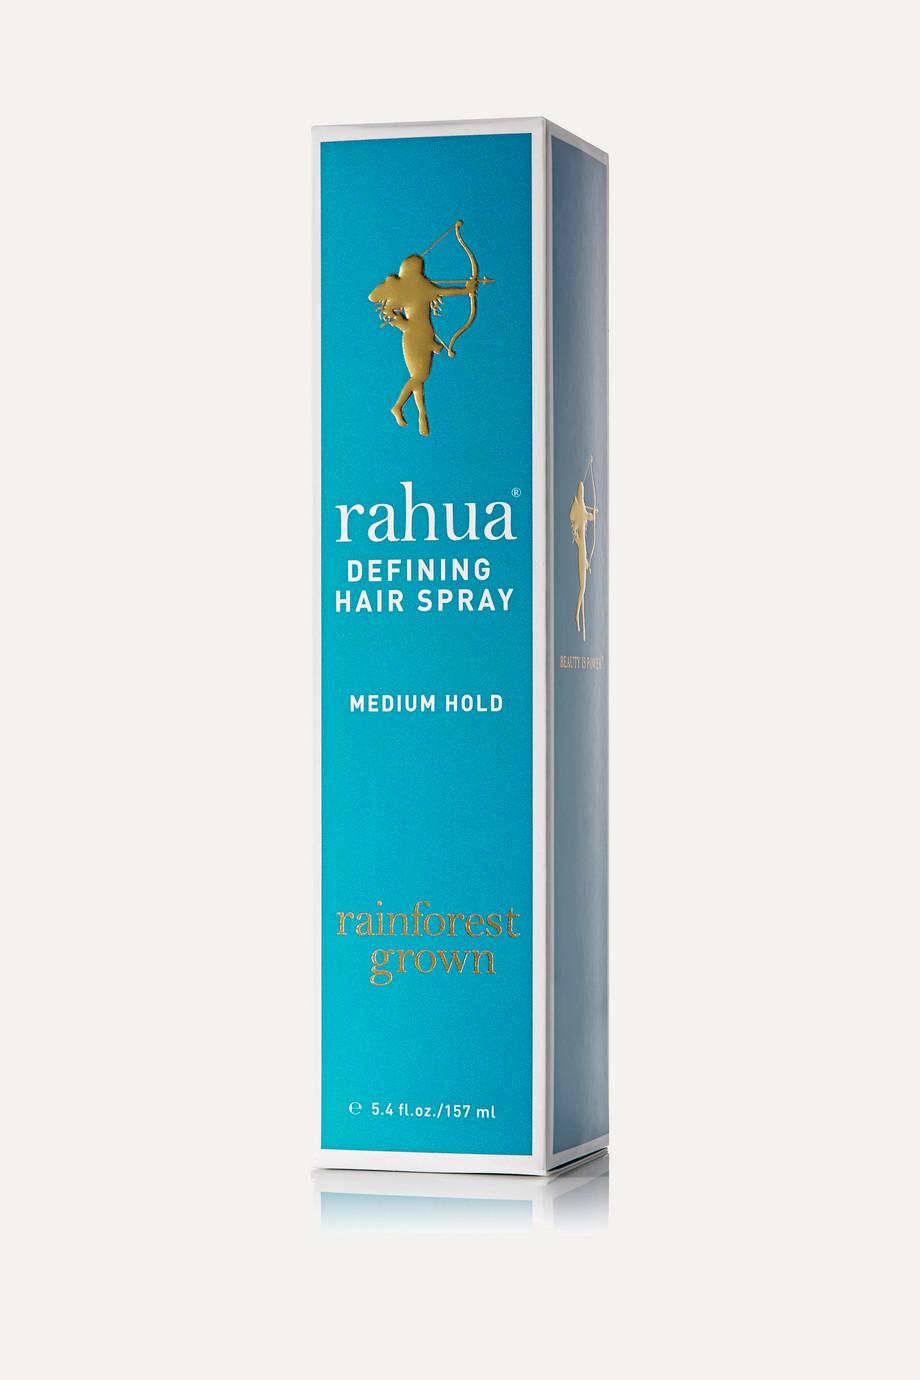 Rahua Defining Hair Spray, 157ml